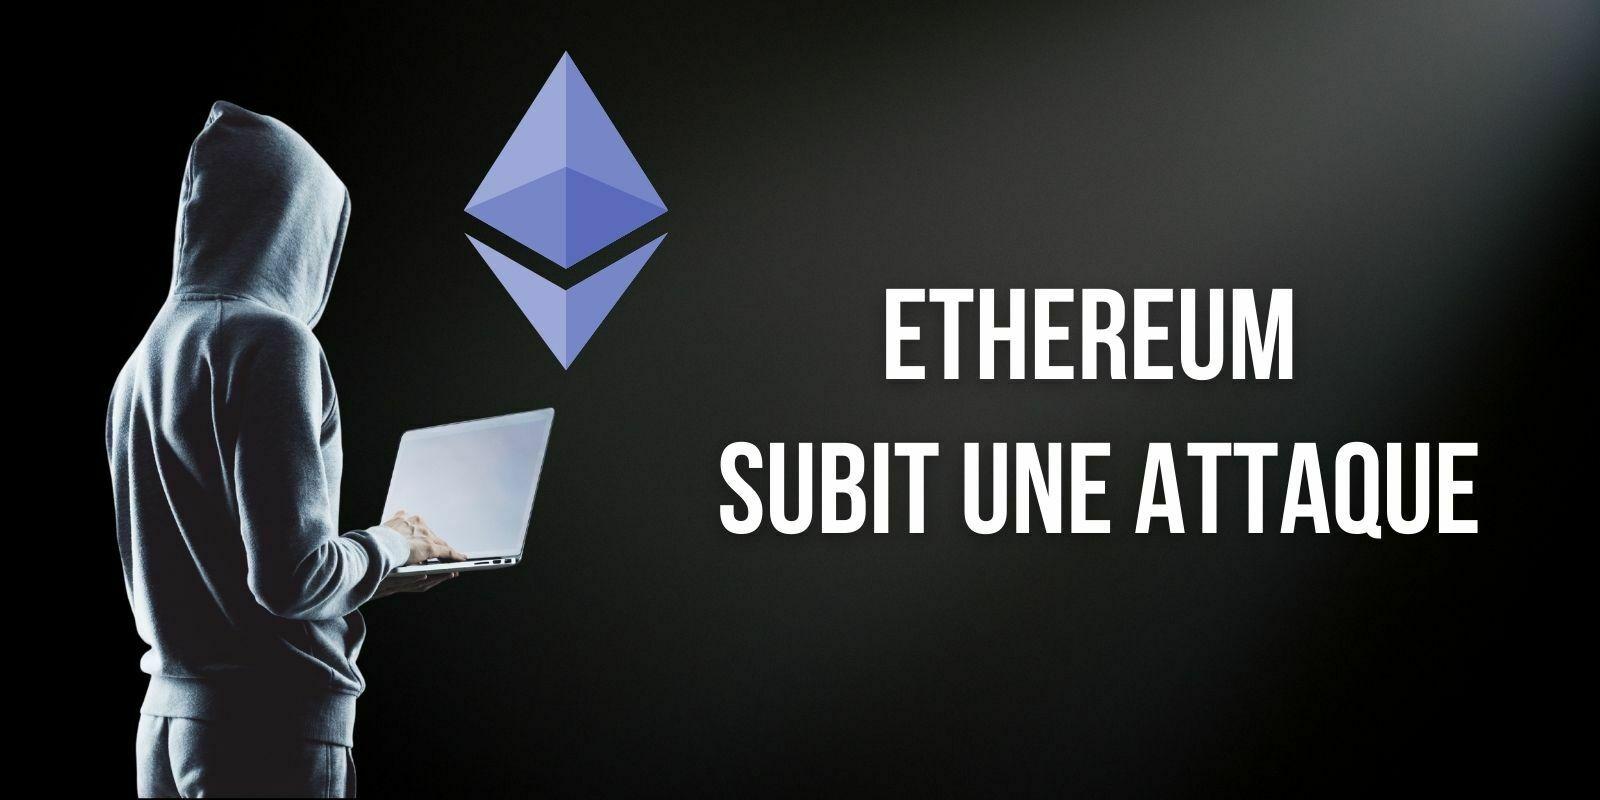 Une entité inconnue a tenté d'attaquer Ethereum (ETH) et a réussi à tromper quelques nœuds